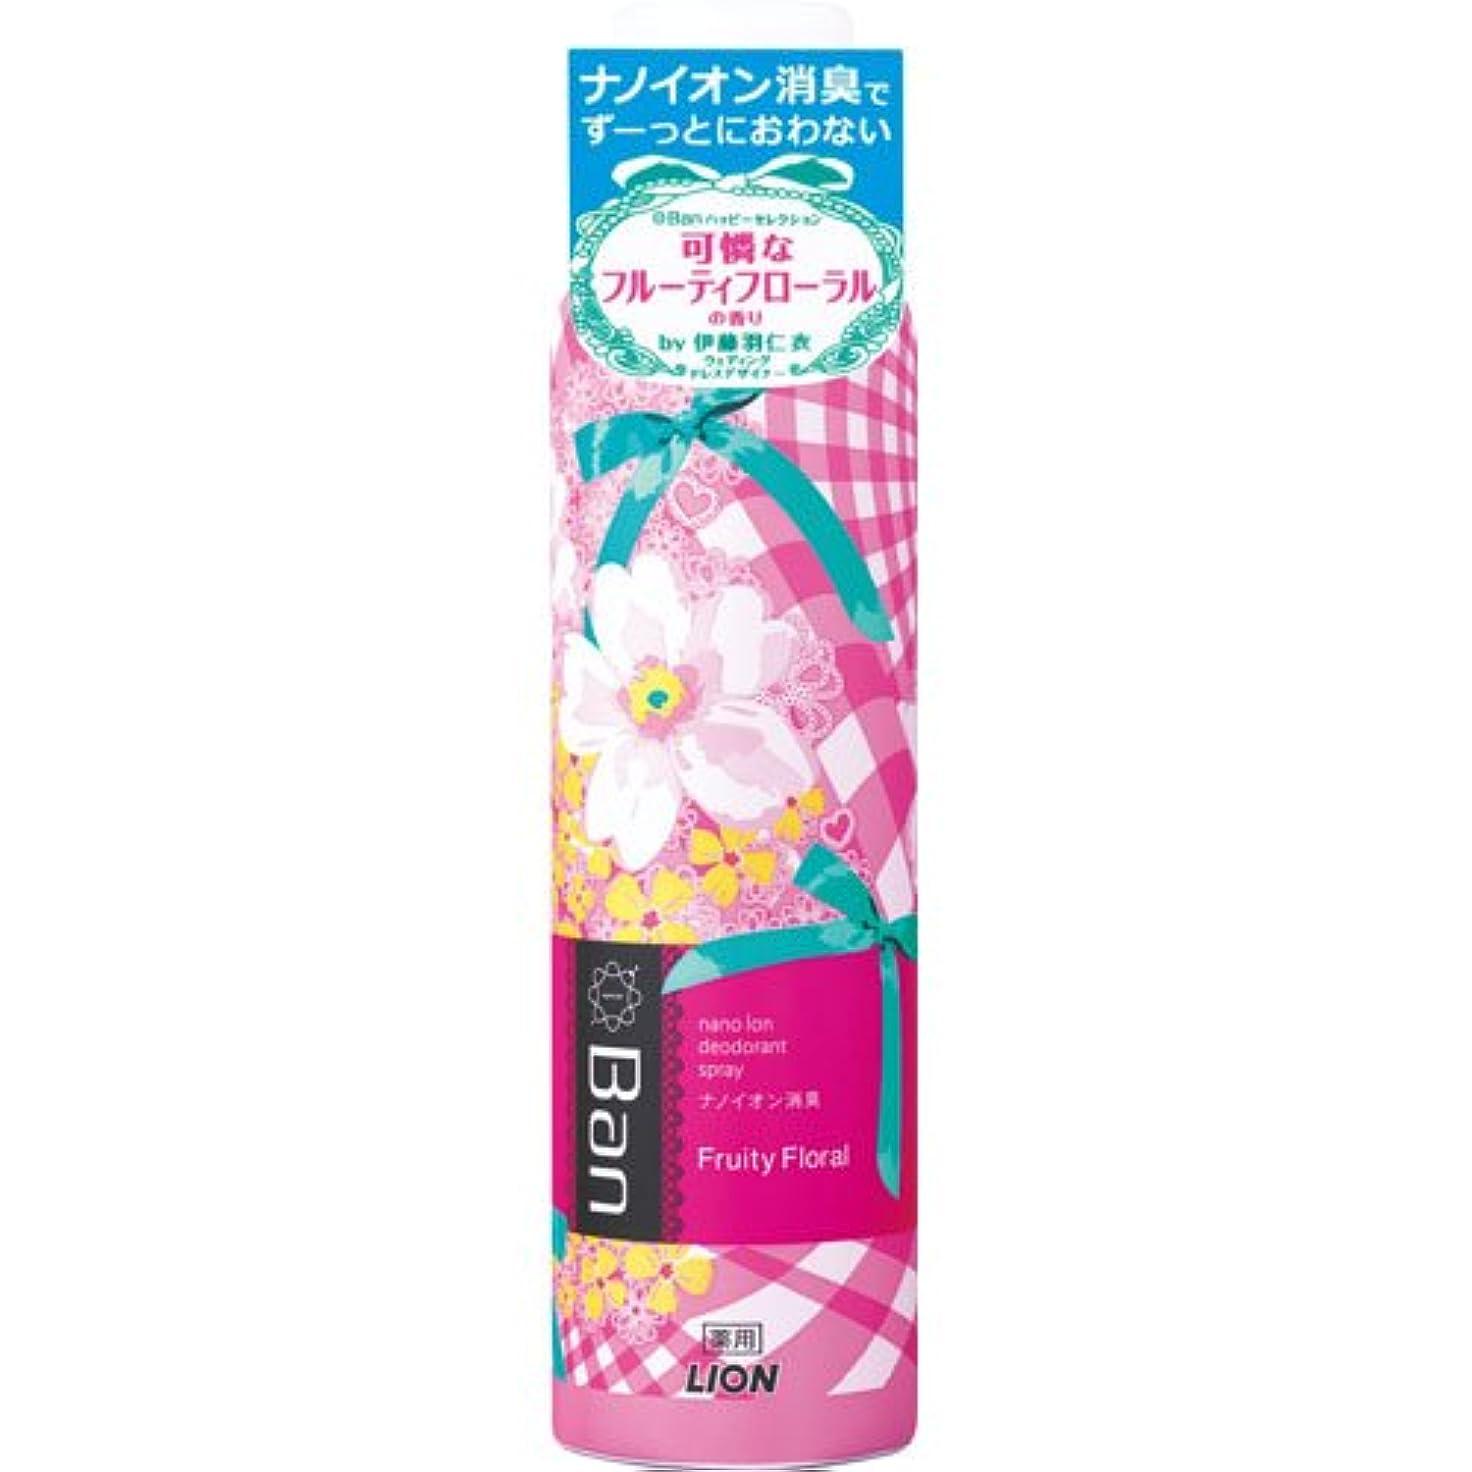 コンプライアンスリーン新年Ban デオドラントパウダースプレー 可憐なフルーティフローラルの香り 特大 135g (医薬部外品)